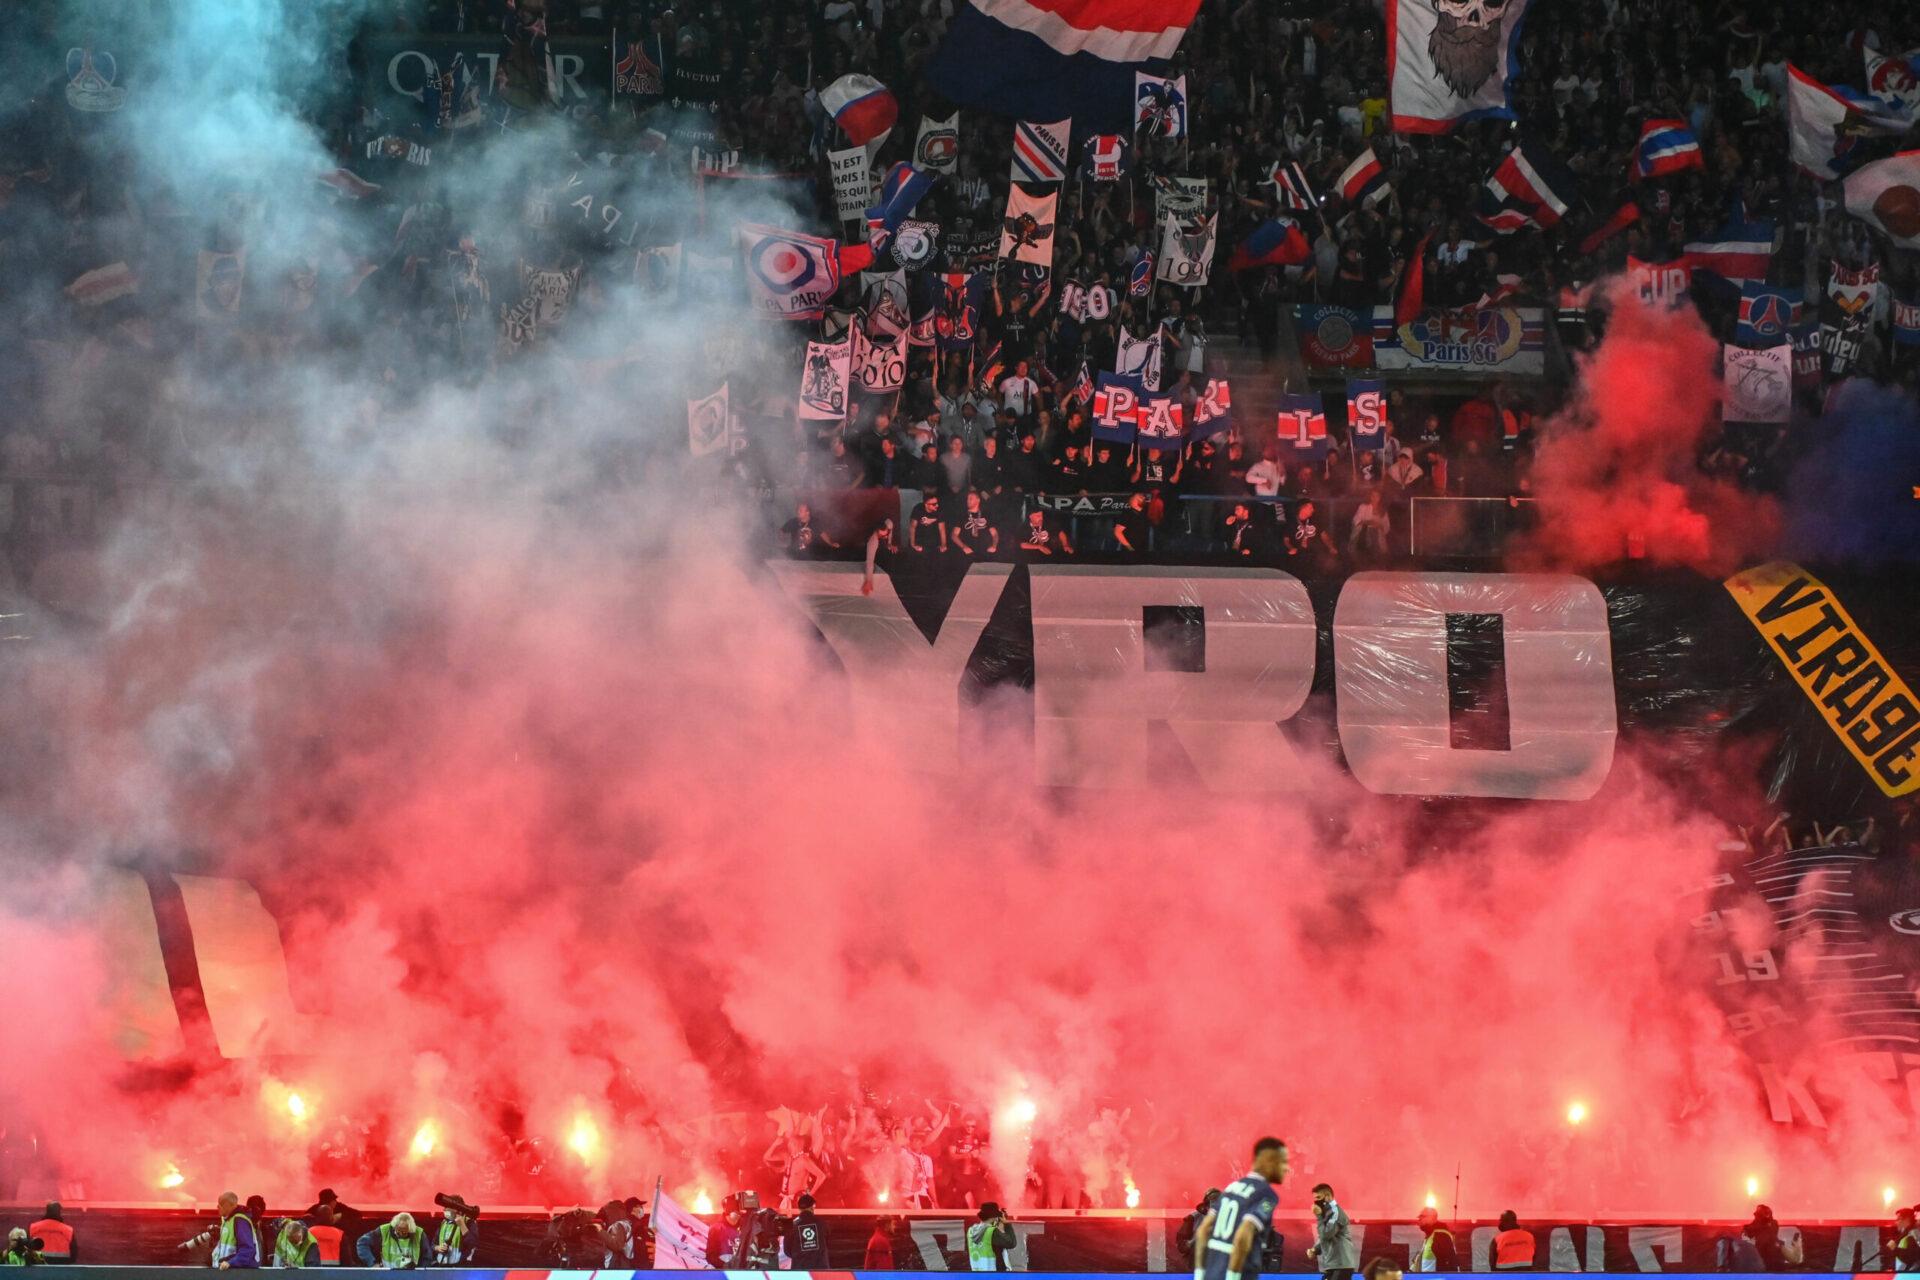 Un Parc des Princes des grands soirs lors de ce Paris Saint-Germain - Olympique Lyonnais (IconSport)